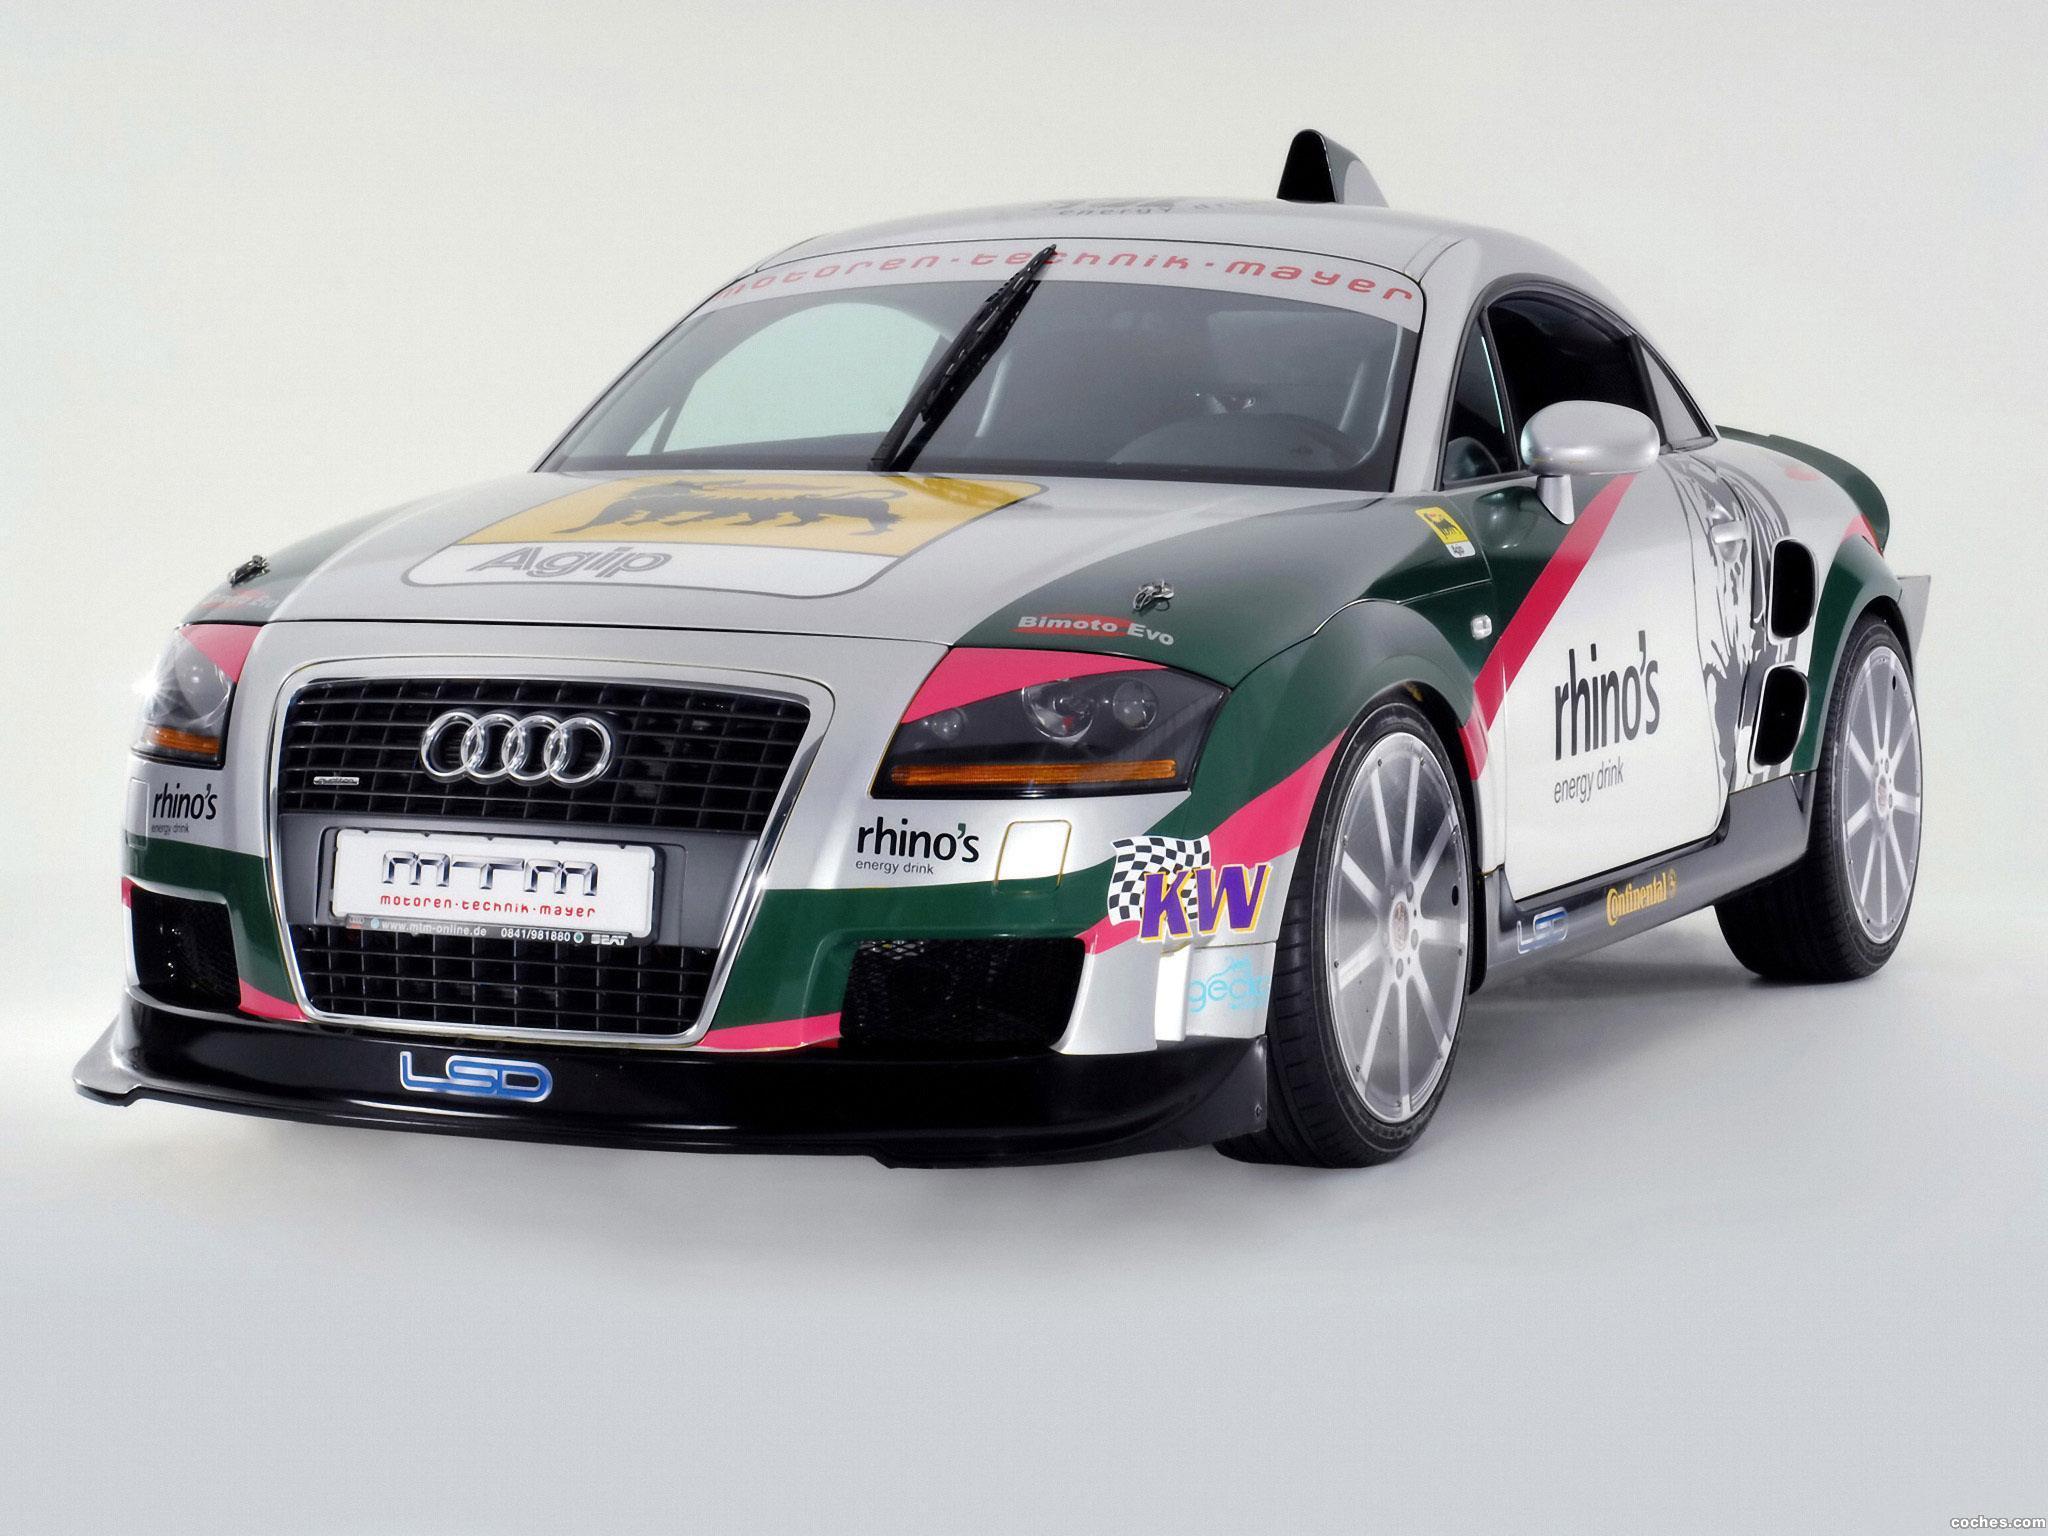 Foto 0 de Audi TT Bimoto mtm 2007